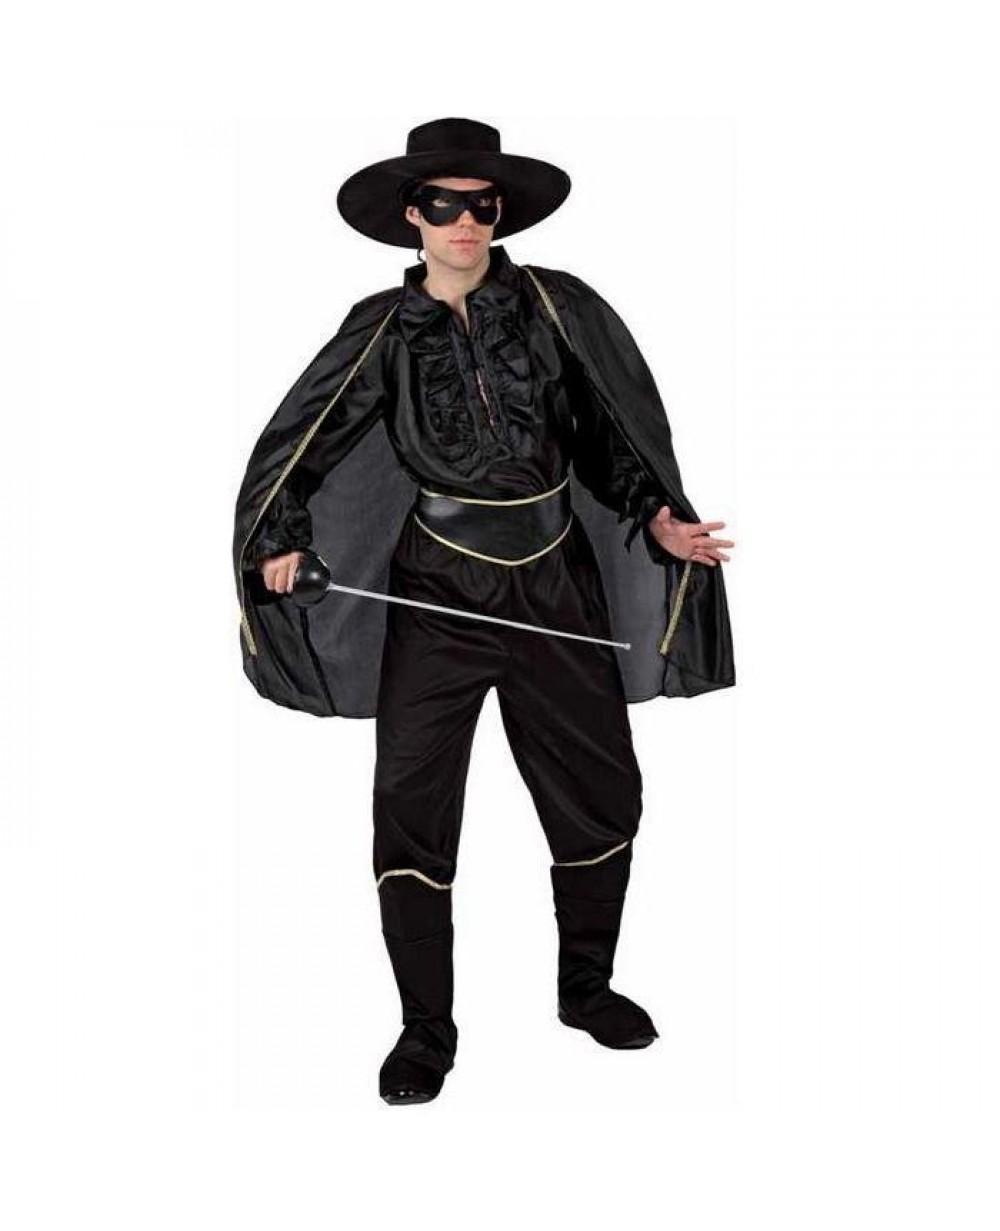 Il negozio online giochi carnevale scuola costume da bandito sexy xs - Costume da bagno traduzione ...